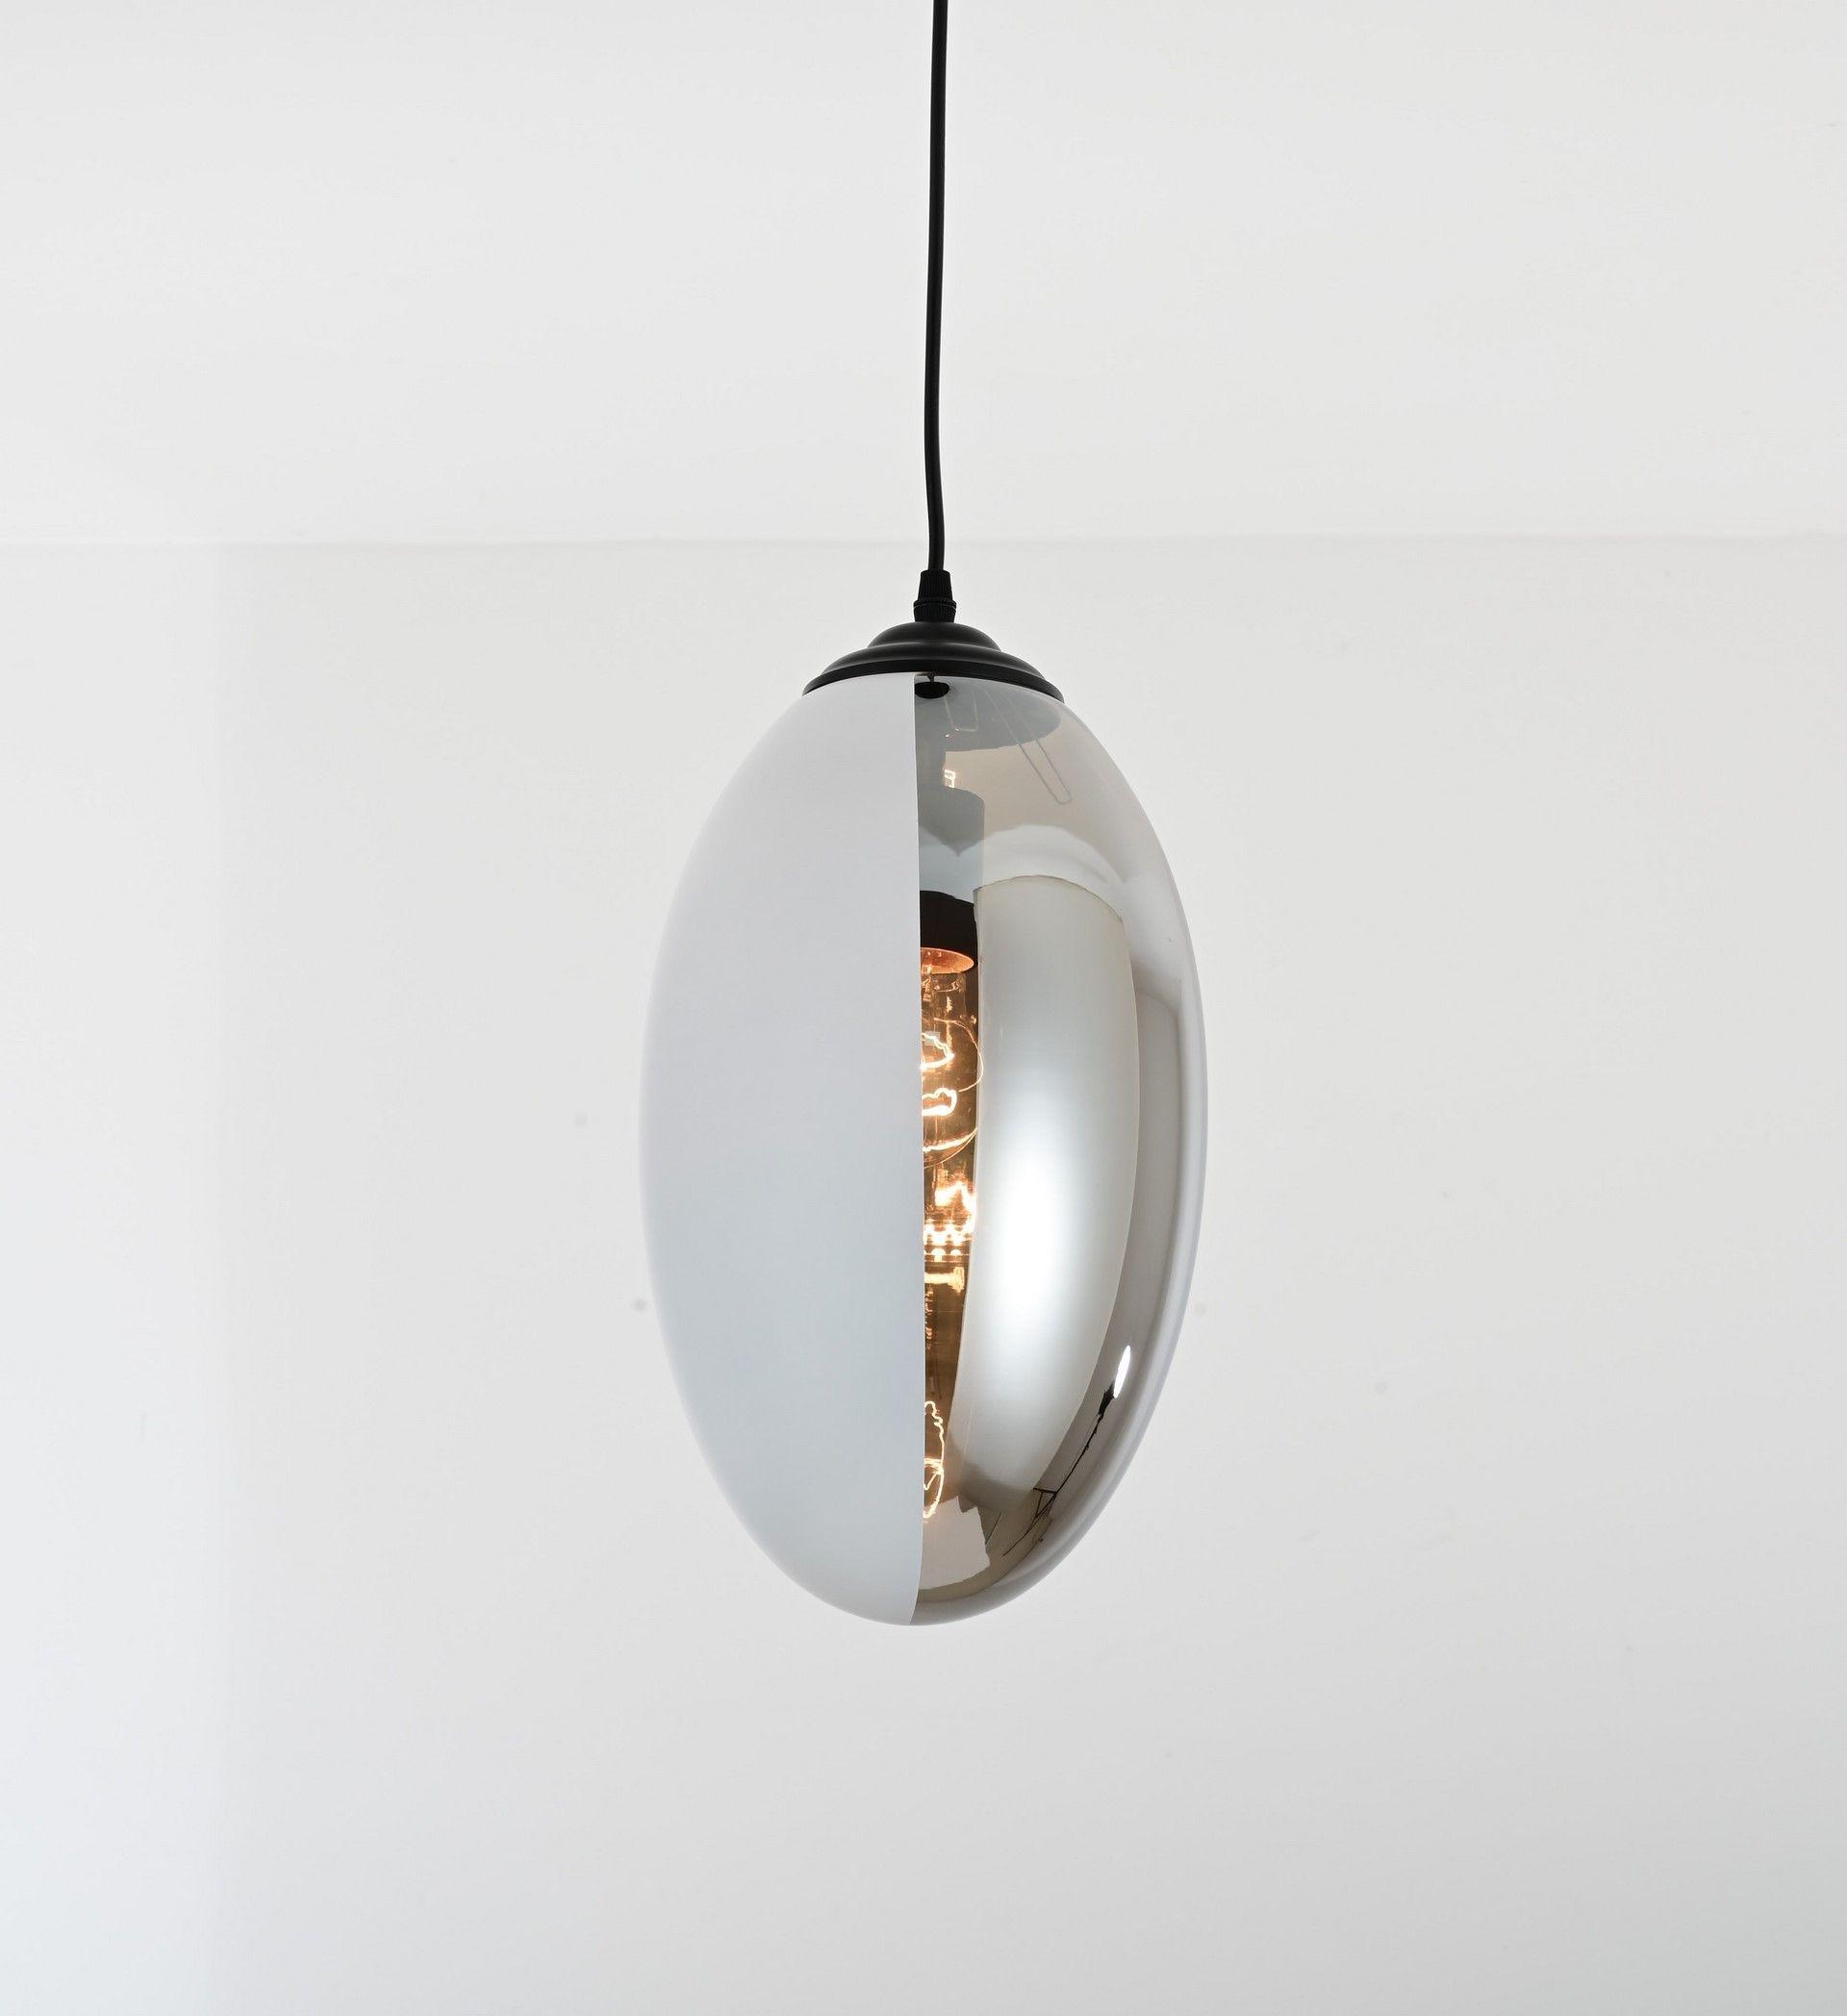 NOWOCZESNA LAMPA WISZĄCA LOFT BIAŁA DYMIONA CARLTON